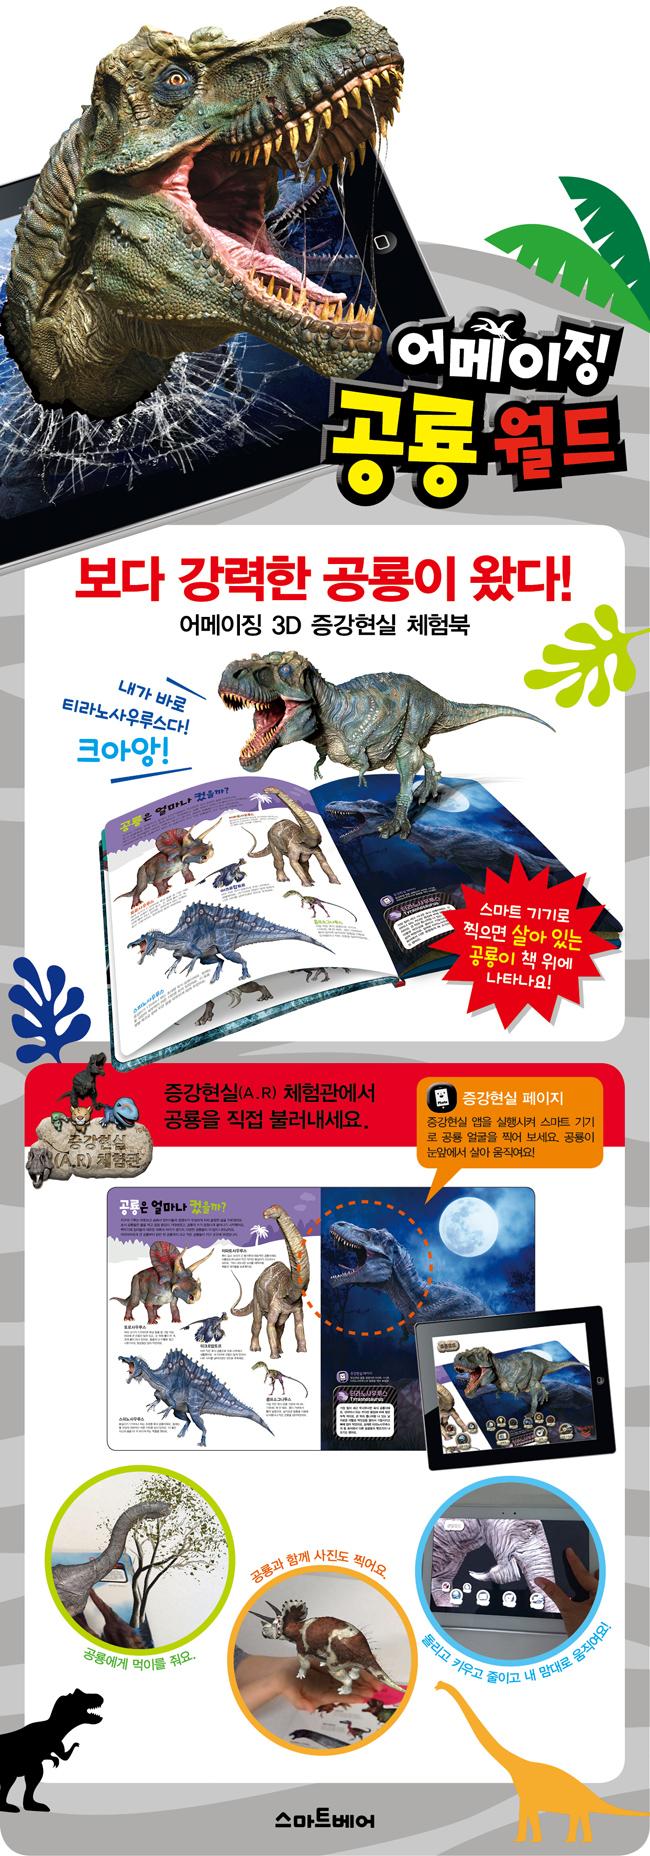 3D 증강현실 어메이징 공룡월드